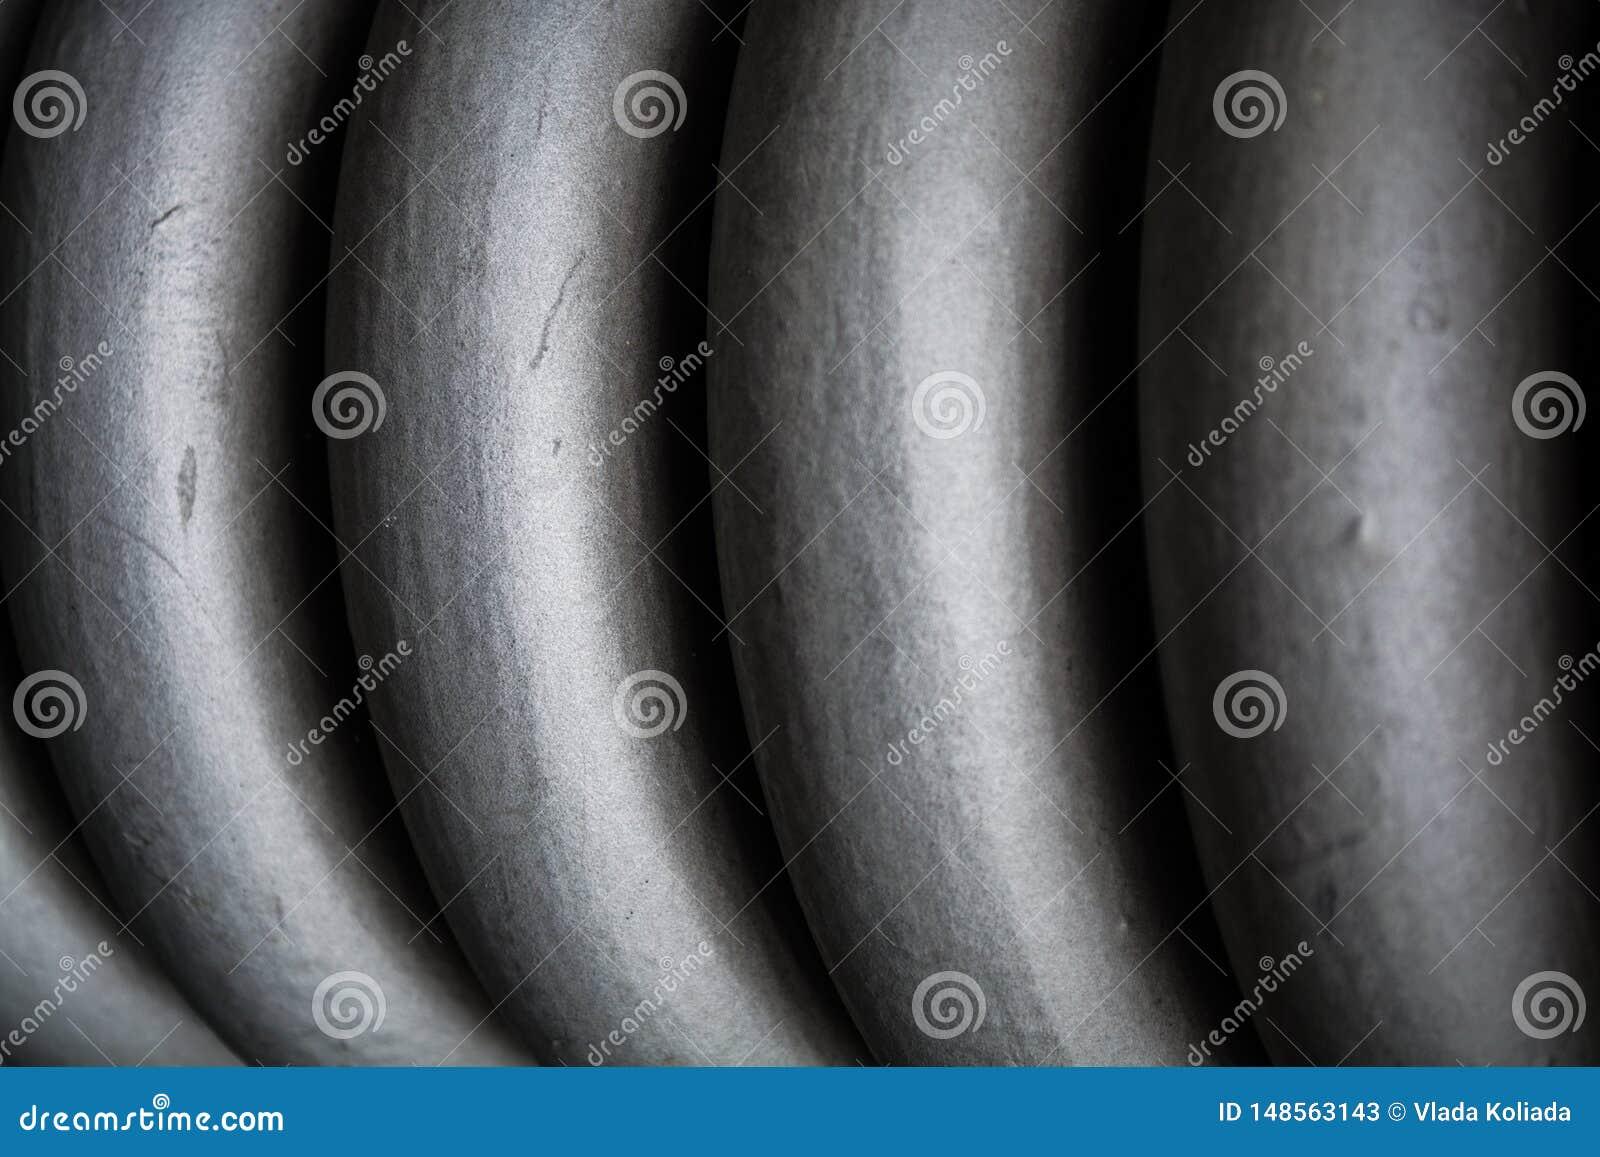 Zopf, graues starkes der Spirale vom Metall, f?r Wartung von Bauelementen Fr?hling Beschaffenheit oder ein Hintergrund in den mon